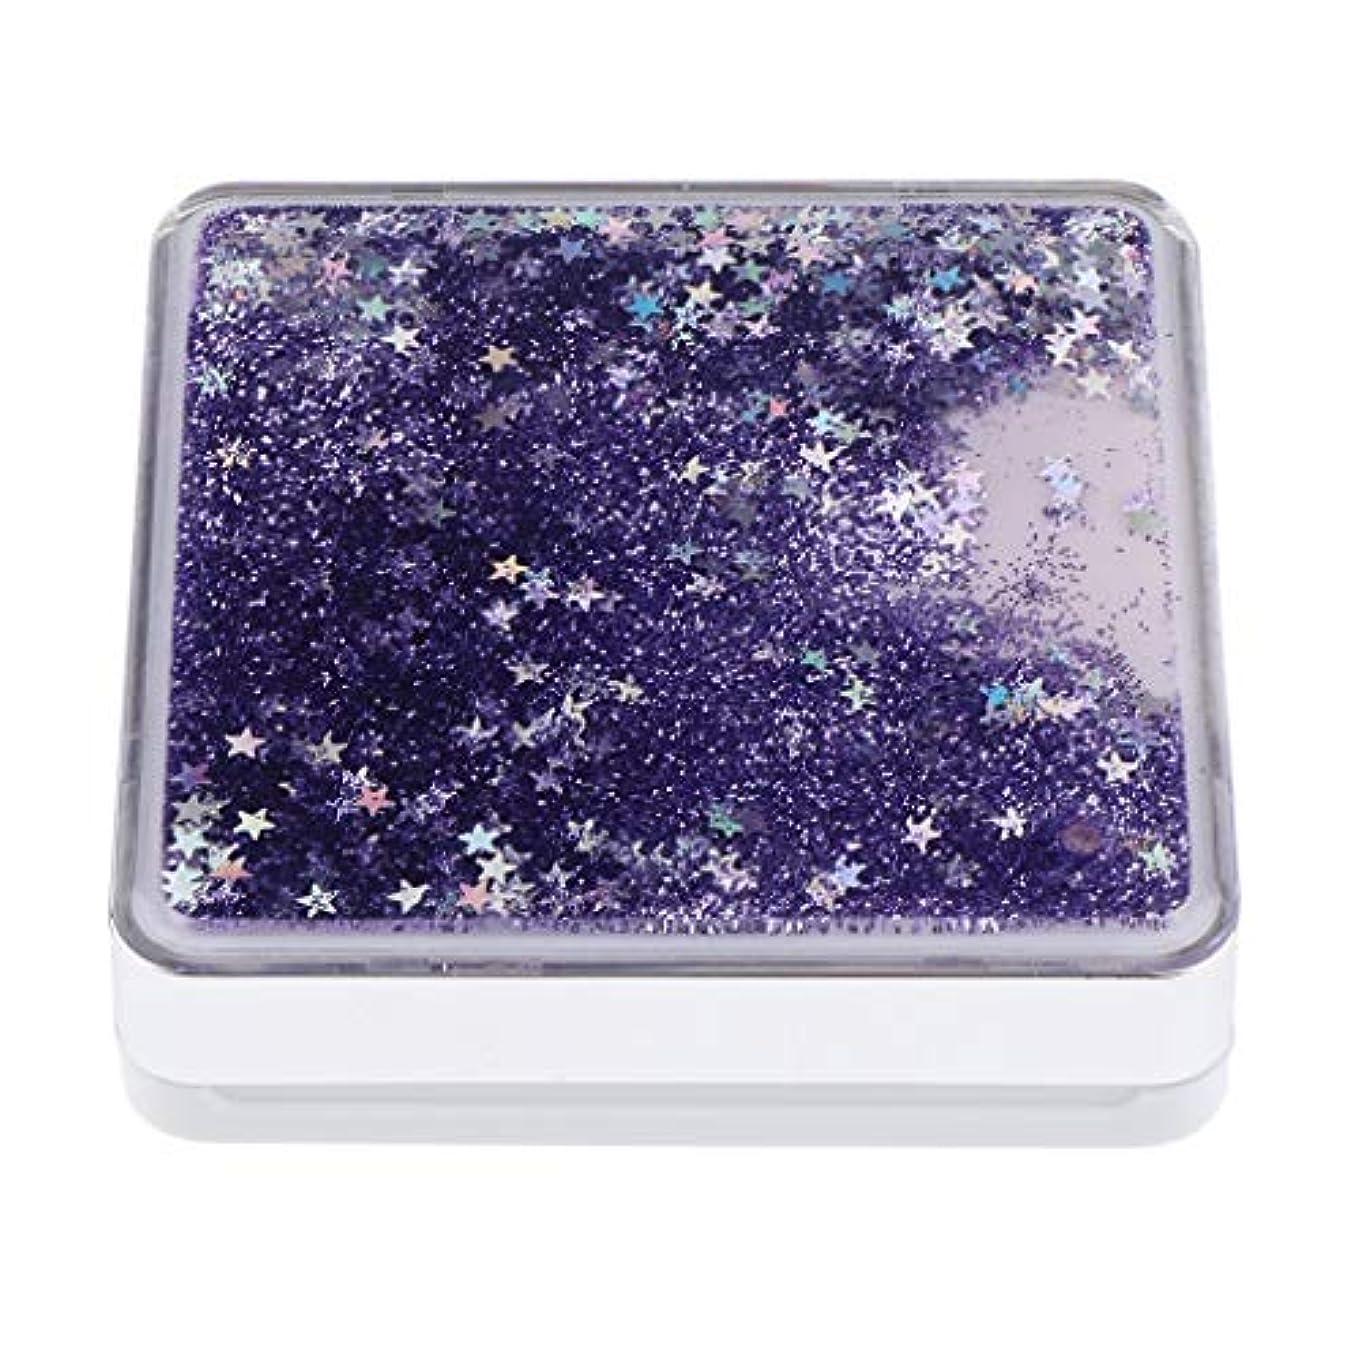 汚れるはっきりとタクシーB Baosity エアクッションケース パフ 化粧鏡 ミラー付き コンパクト 旅行小物 化粧品ケース 3色選べ - 紫